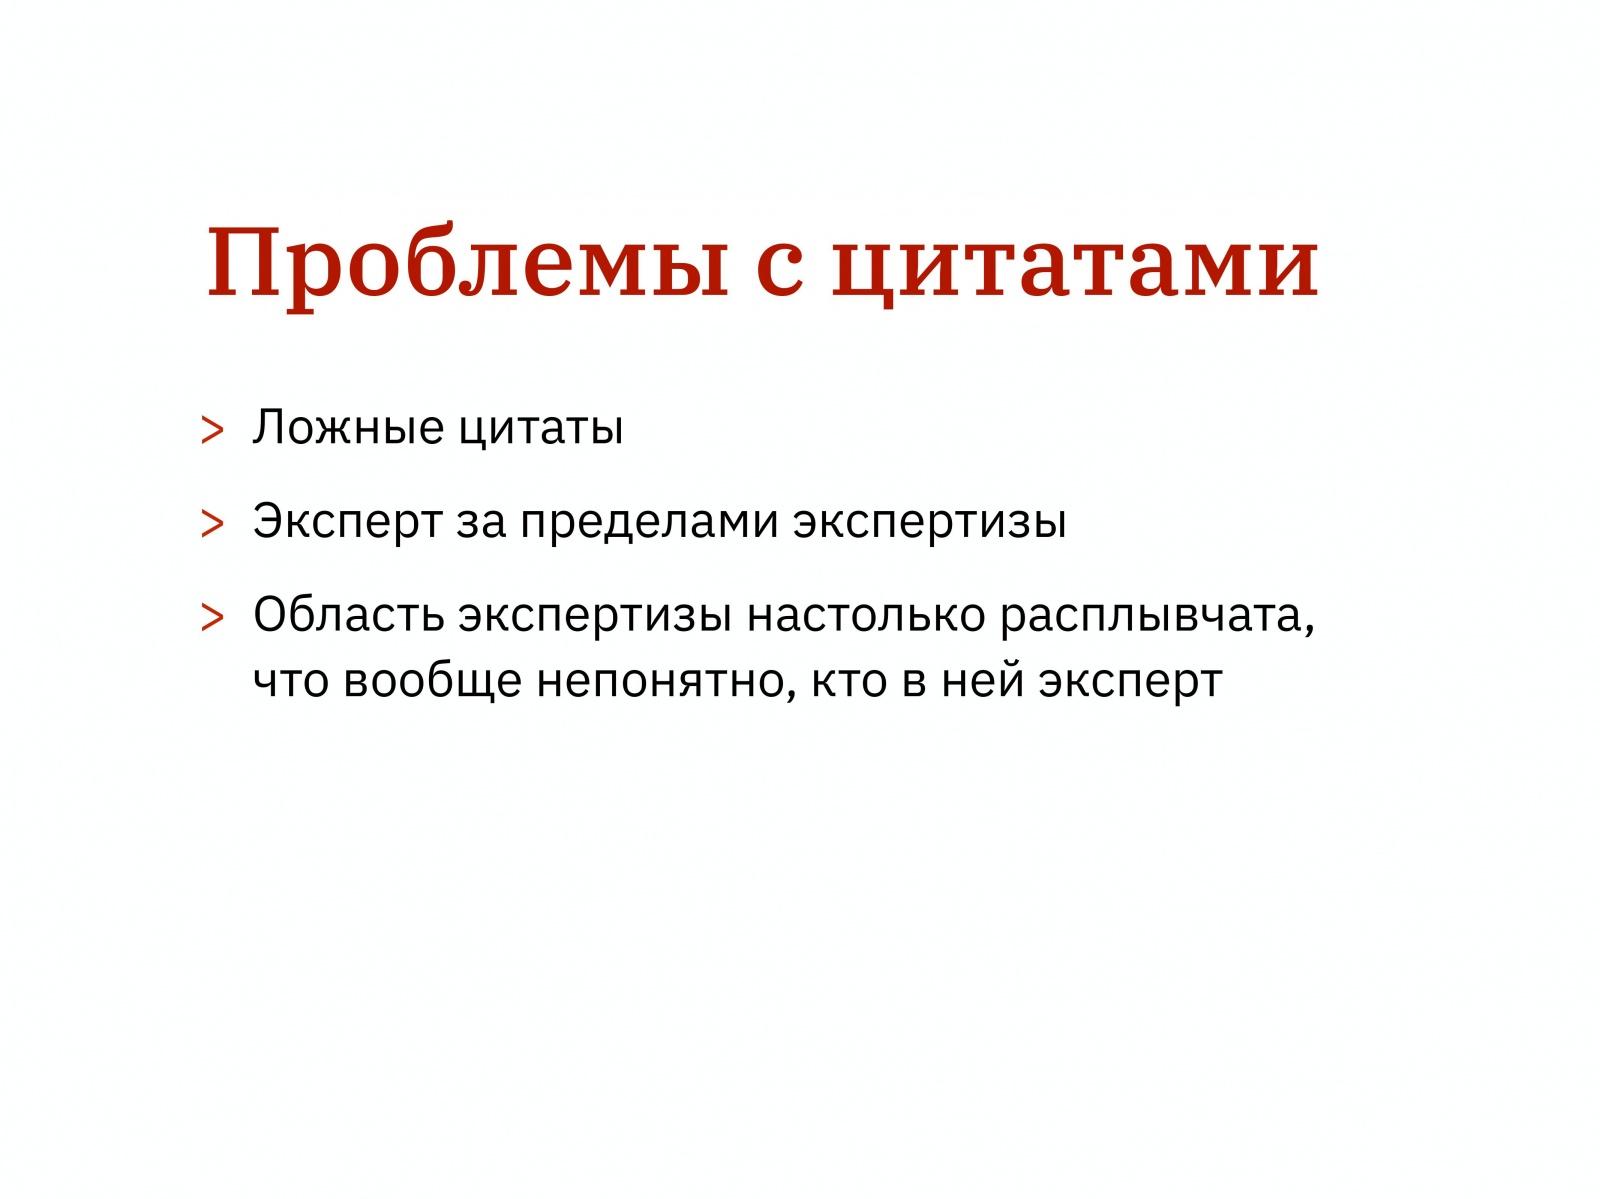 Алексей Каптерев: Критическое мышление 101 (часть 2) - 41